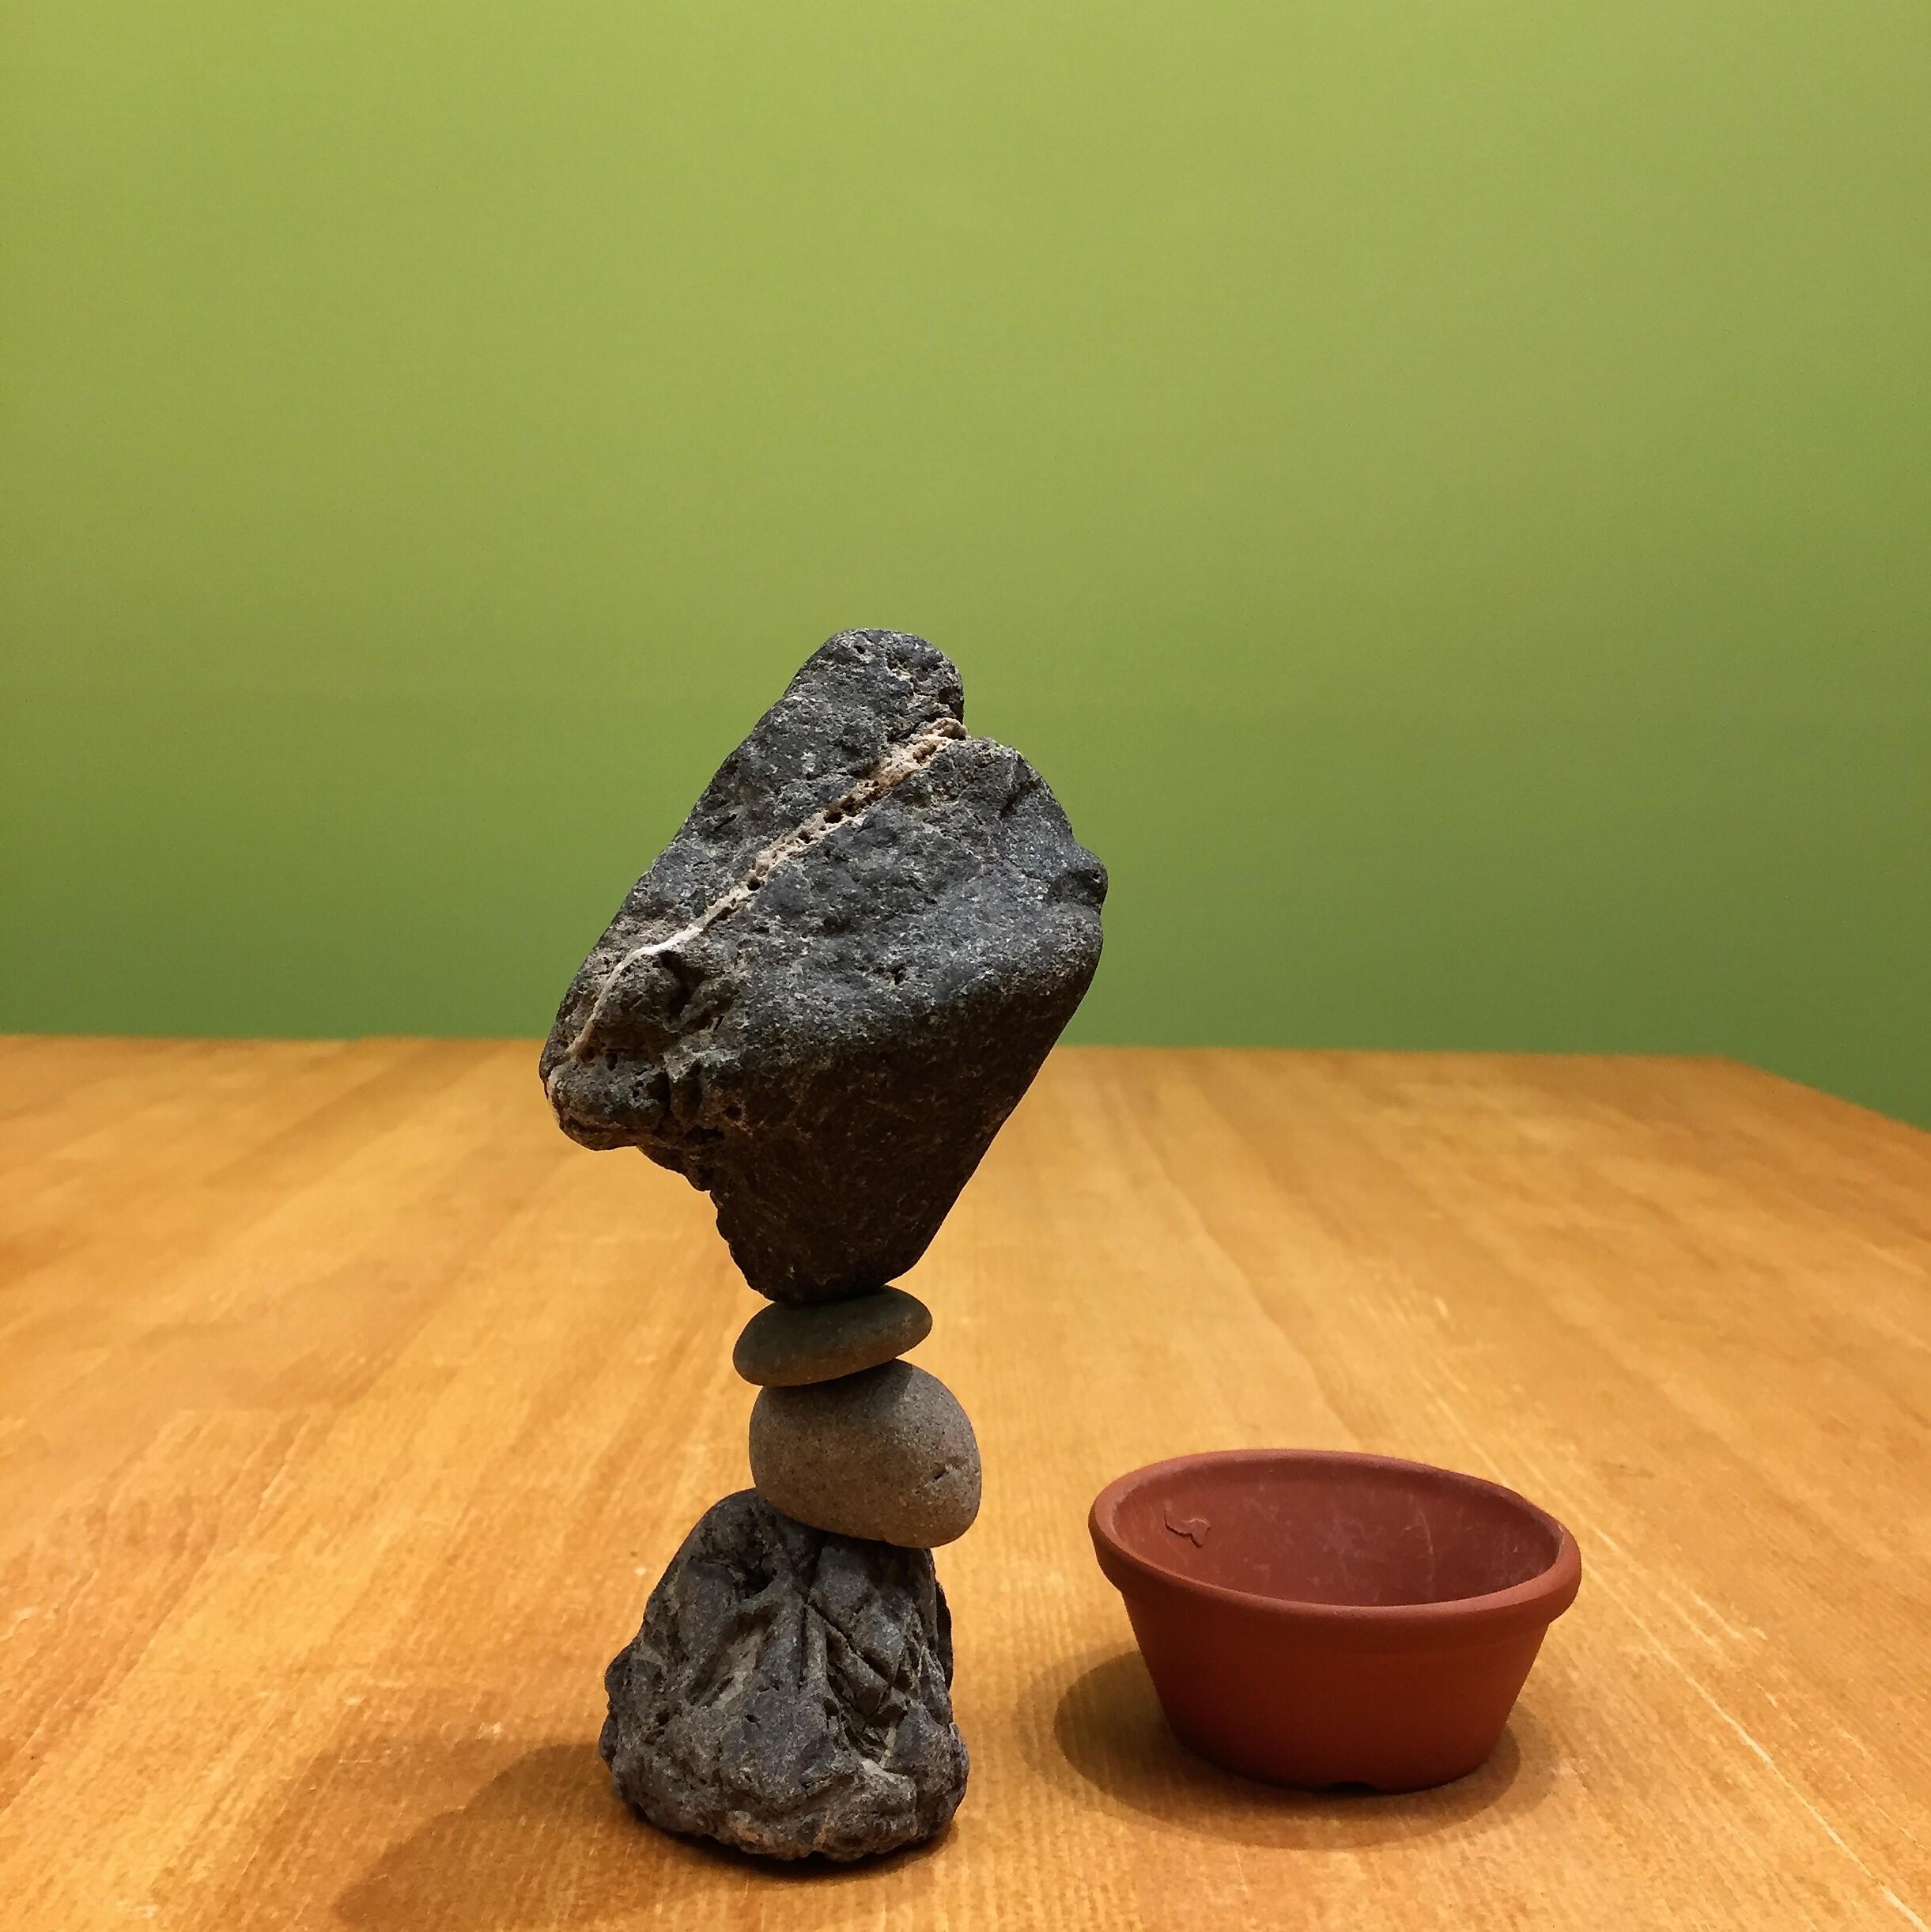 石花入門キット No.507